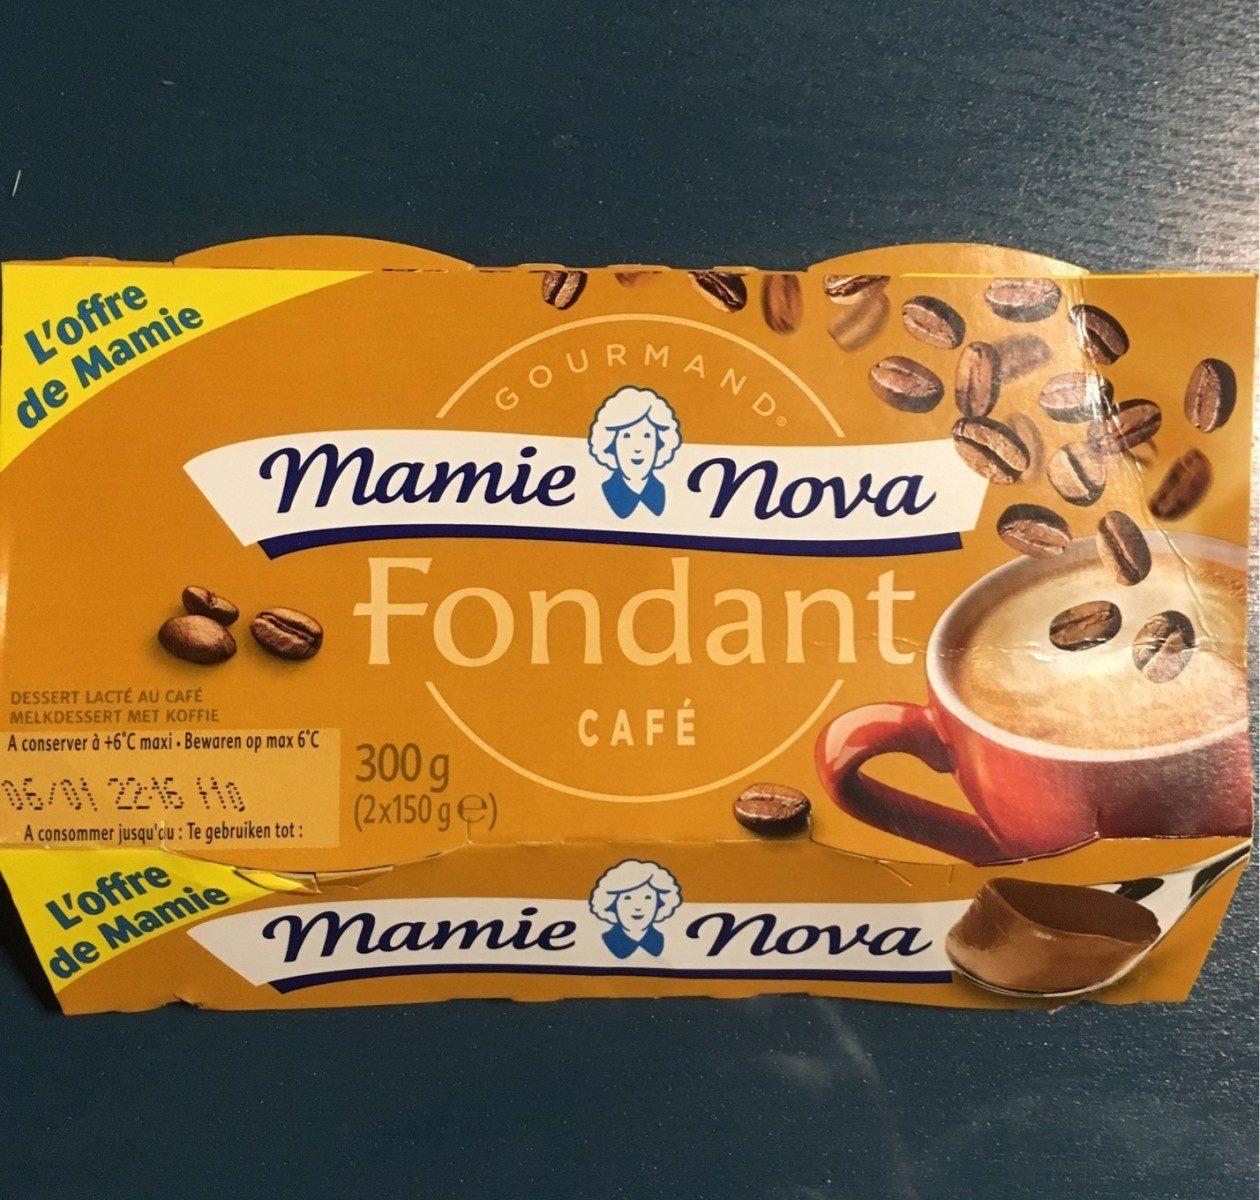 Fondant Café - Produit - fr